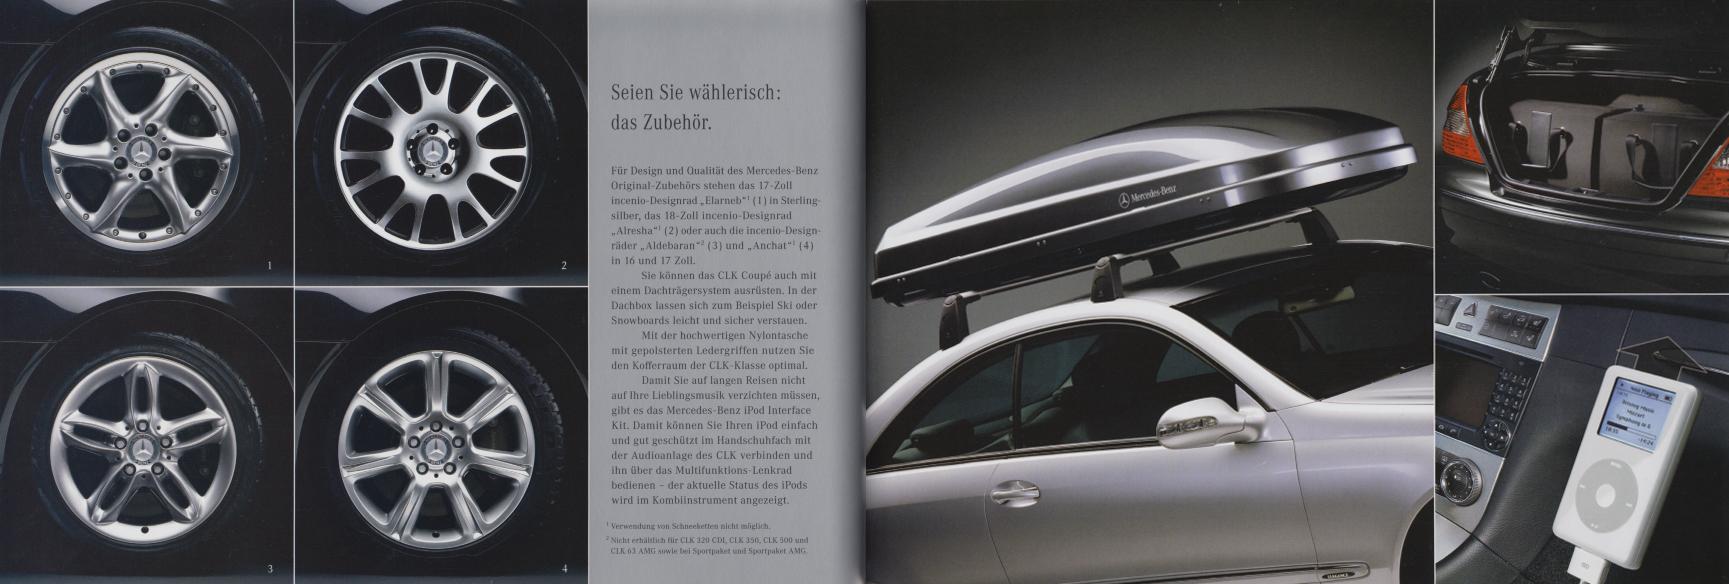 (A/C209): Catálogo 2007 - alemão 029